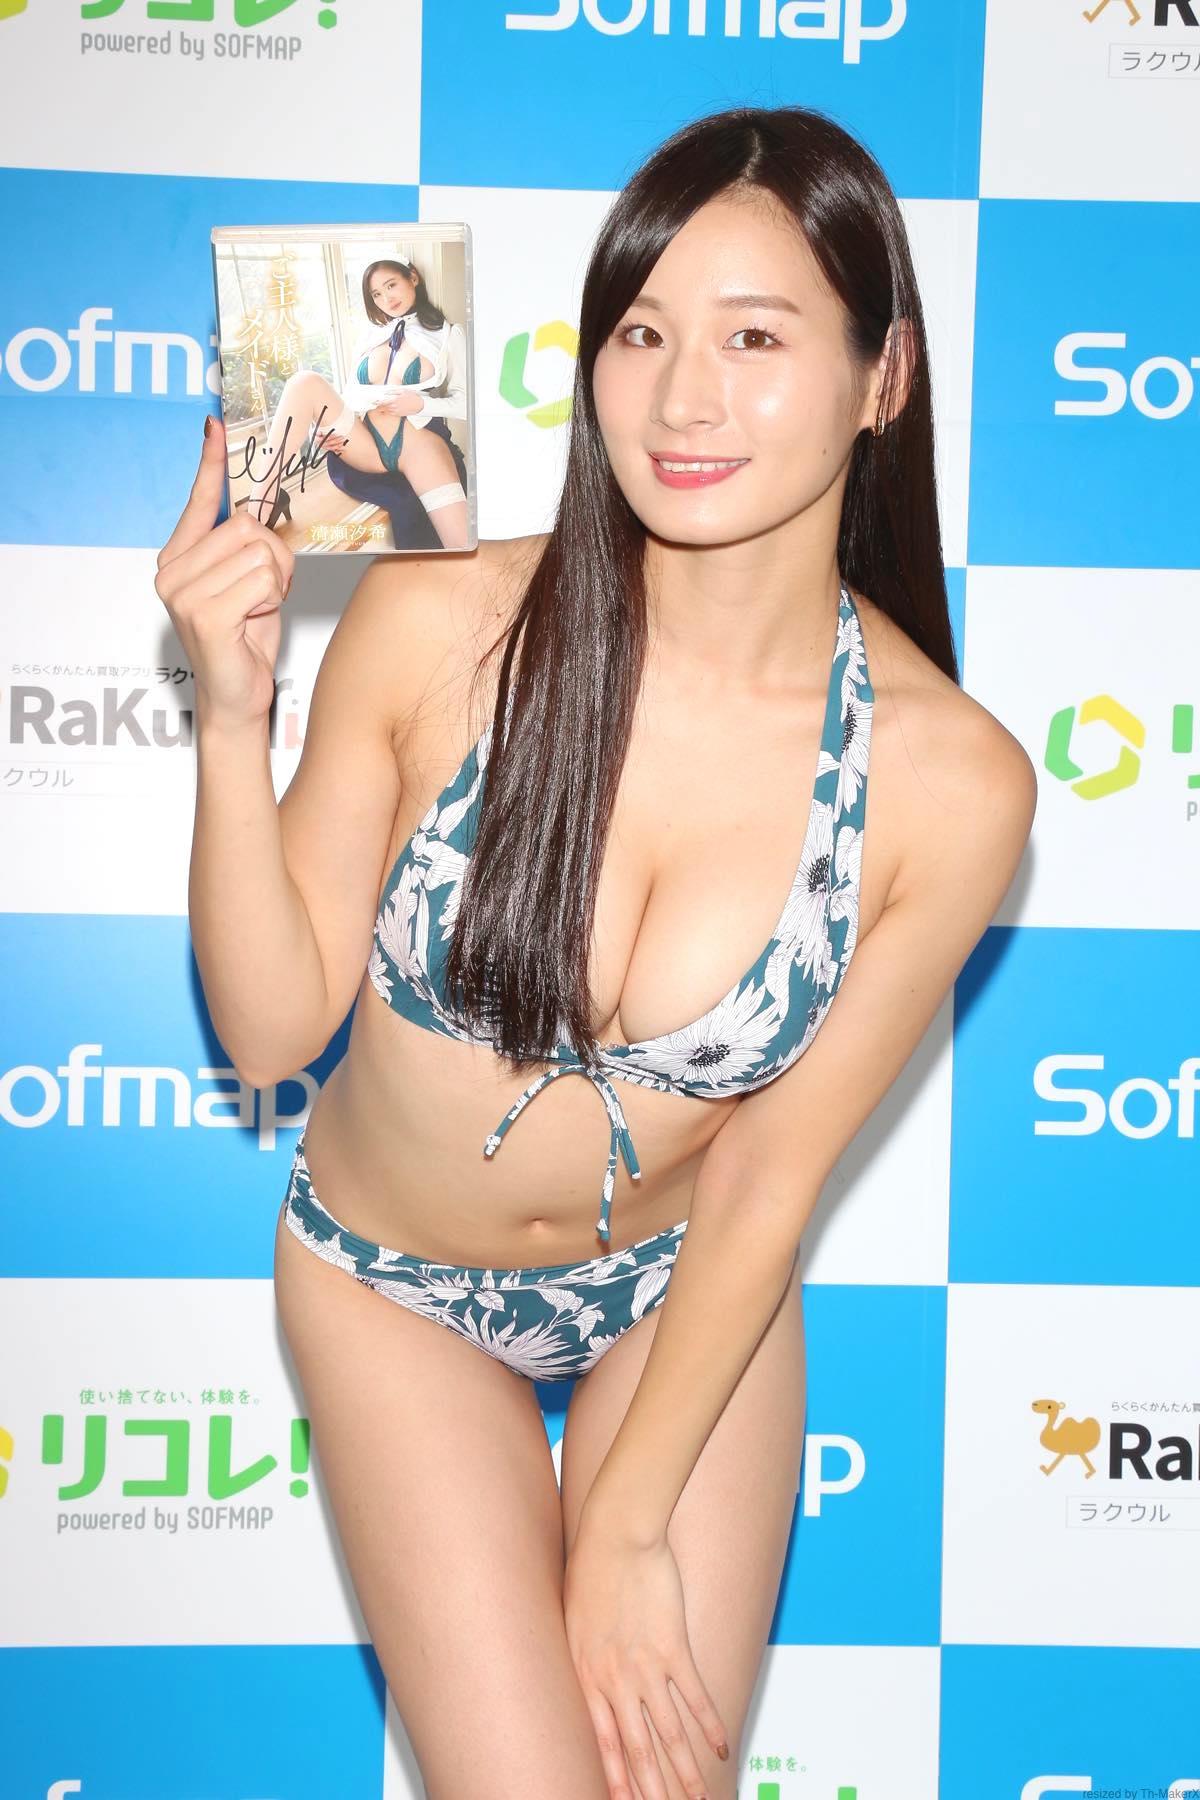 清瀬汐希「オフィスでY字の水着」露出度高くて恥ずかしい【画像48枚】の画像045